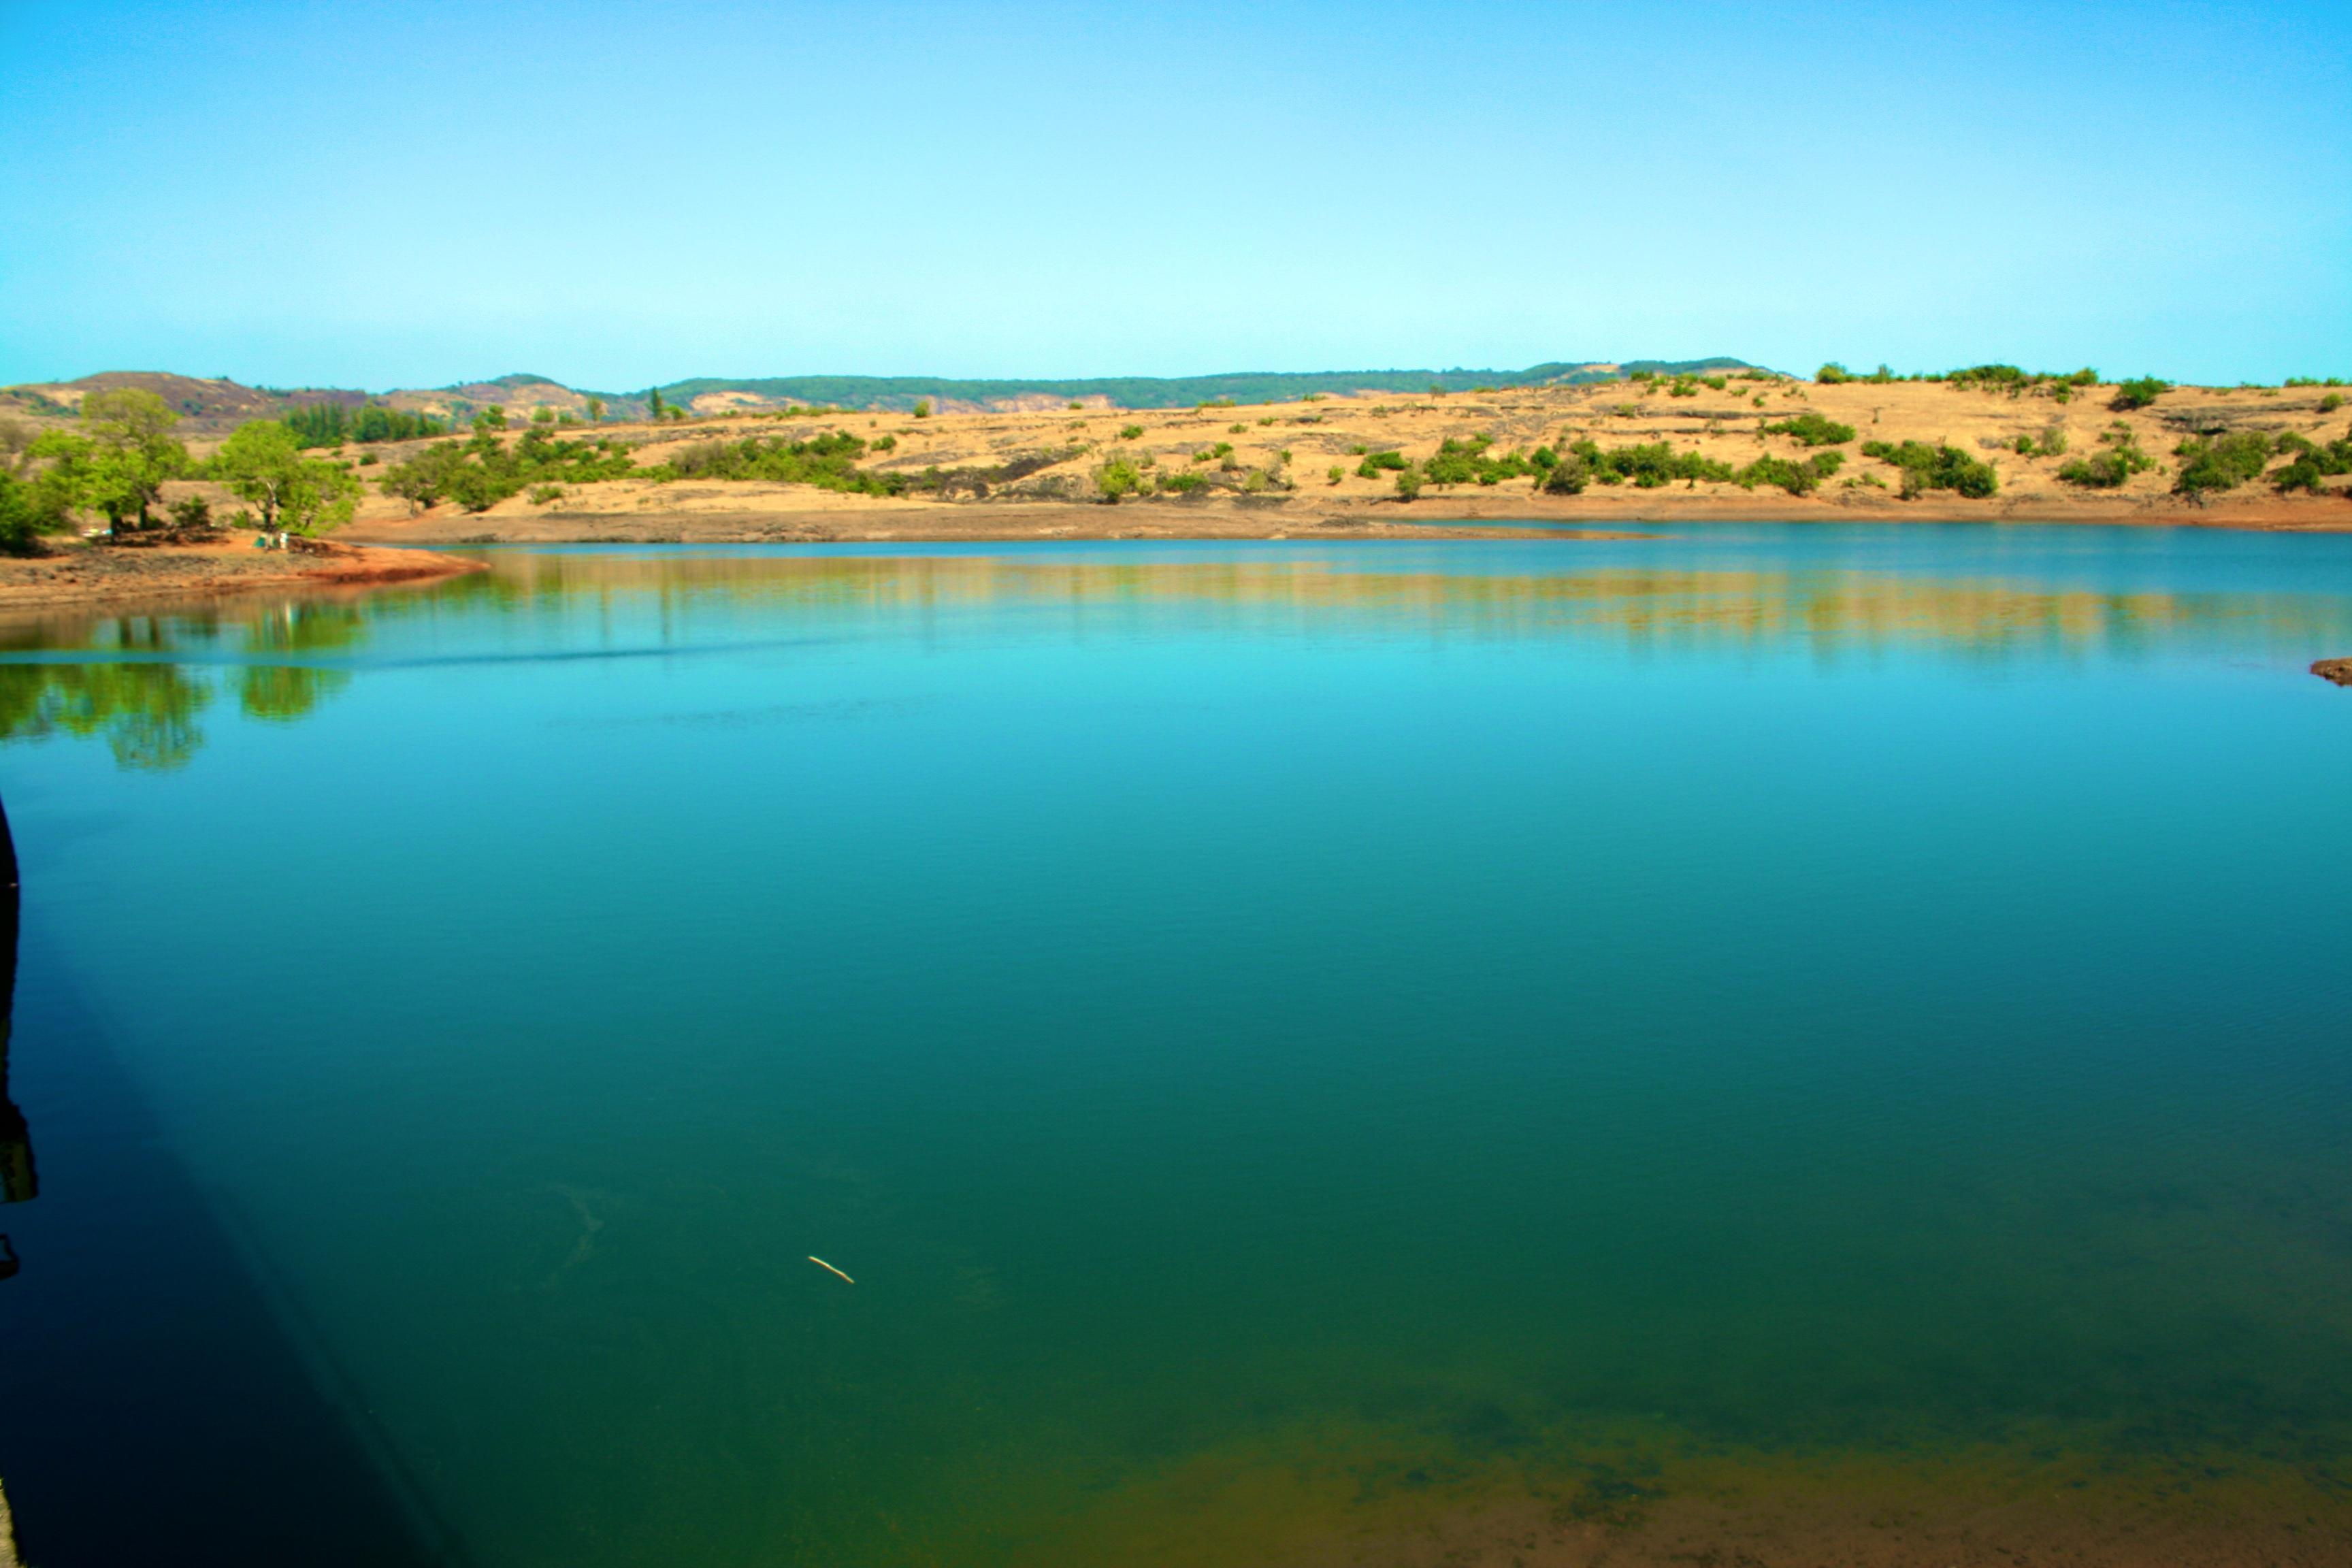 Tungarli Lake